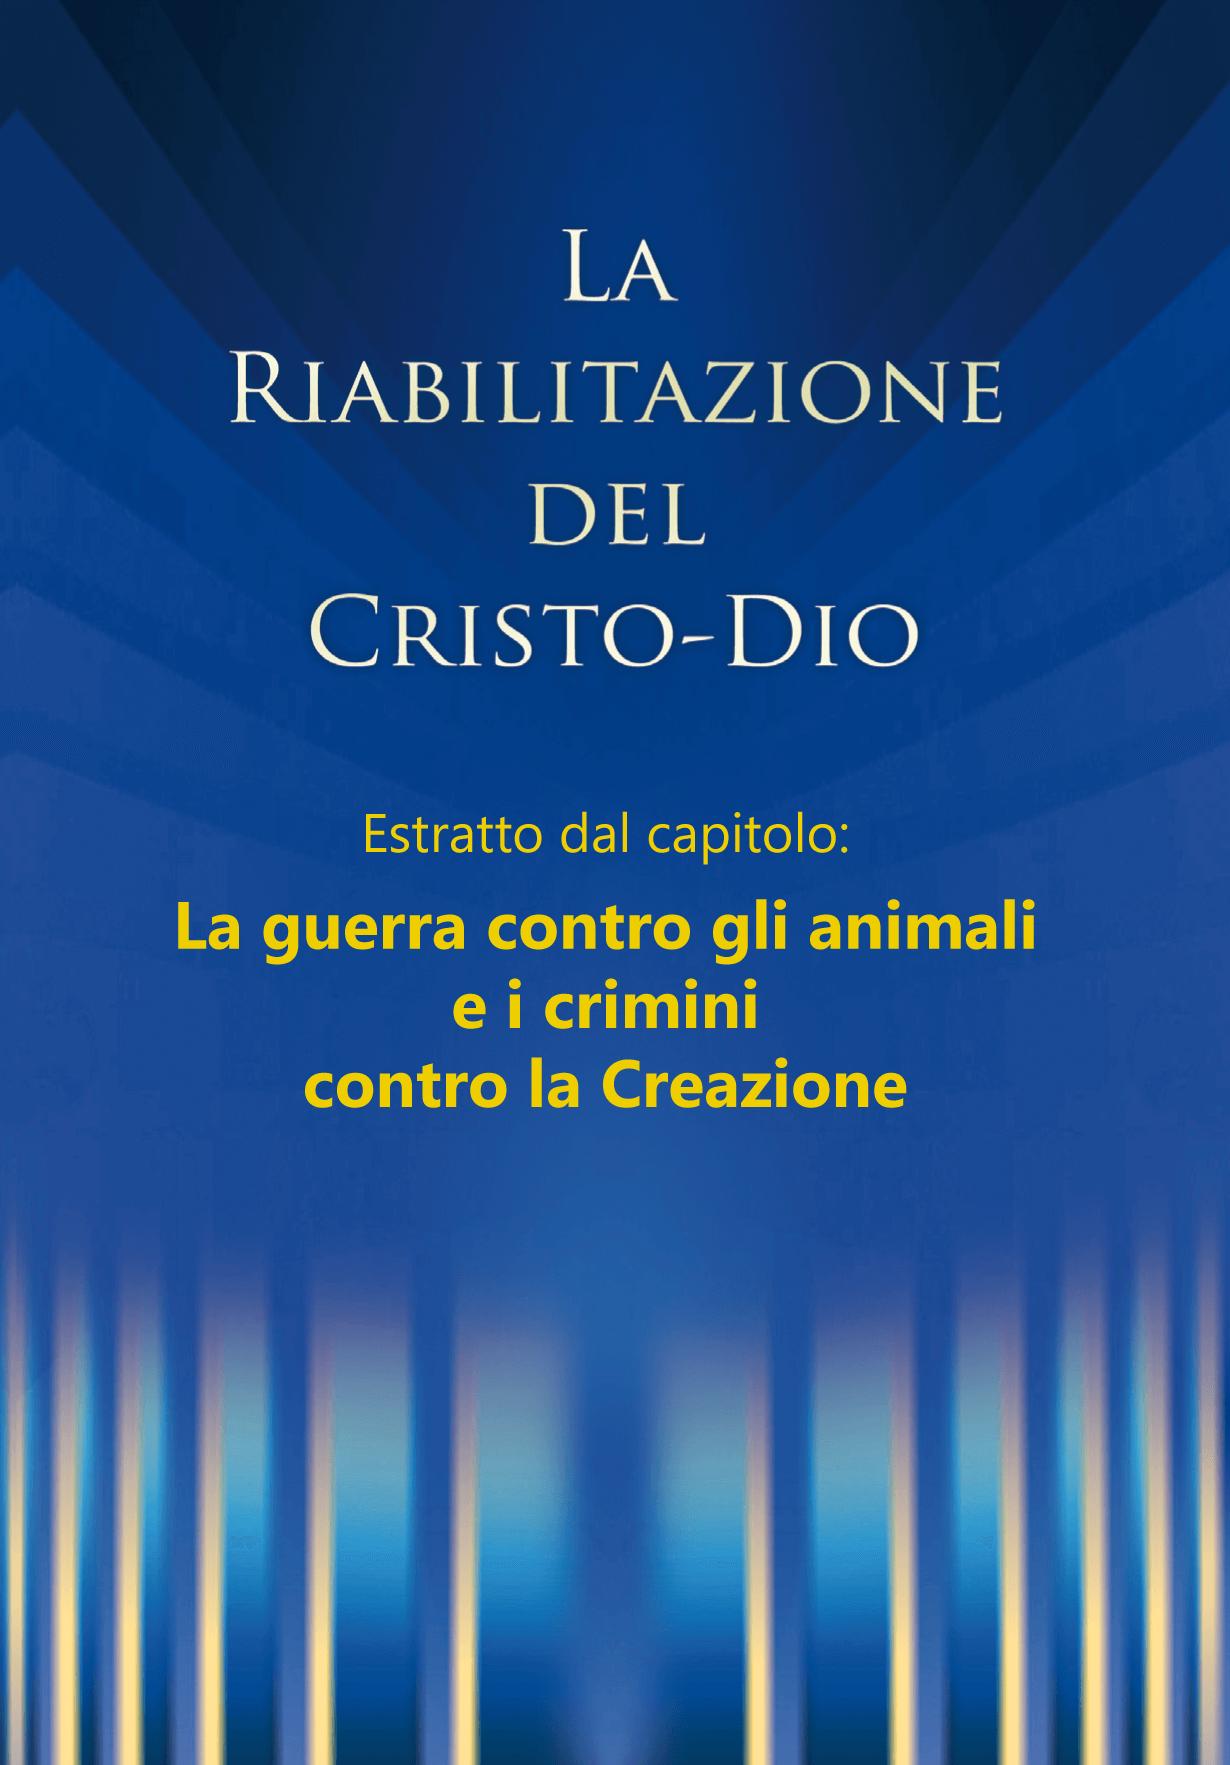 La riabilitazione - Estratto dal capitolo: La guerra contro gli animali e i crimini contro la Creazione